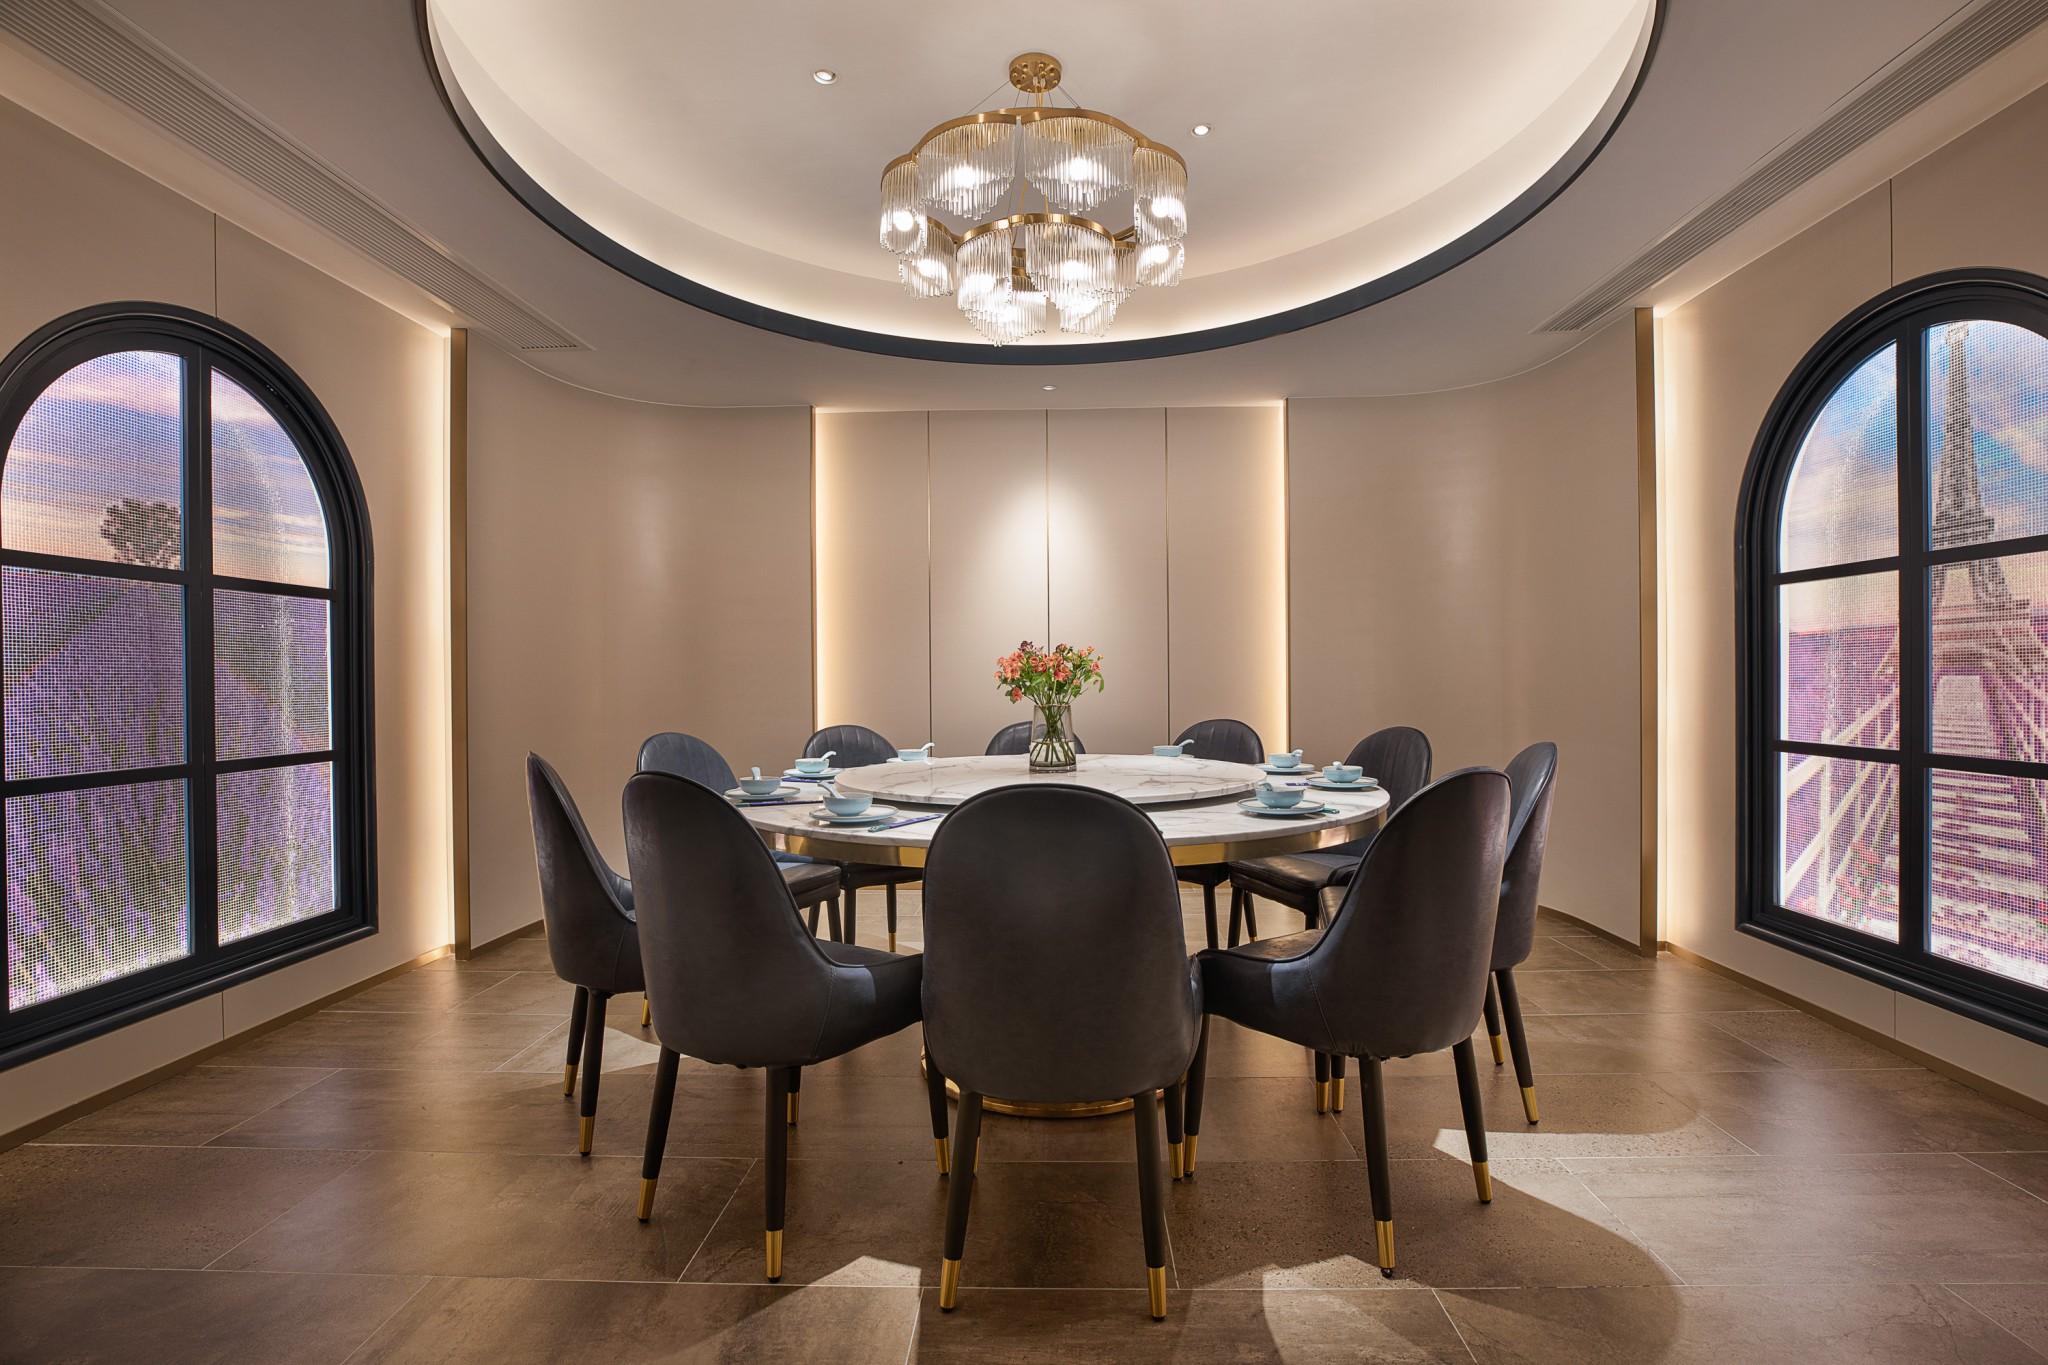 品味回西北菜餐厅设计-杭州餐厅设计-杭州达岸品牌策划设计公司e2ff9d90dc739b81d55cfa1c453c4c9b